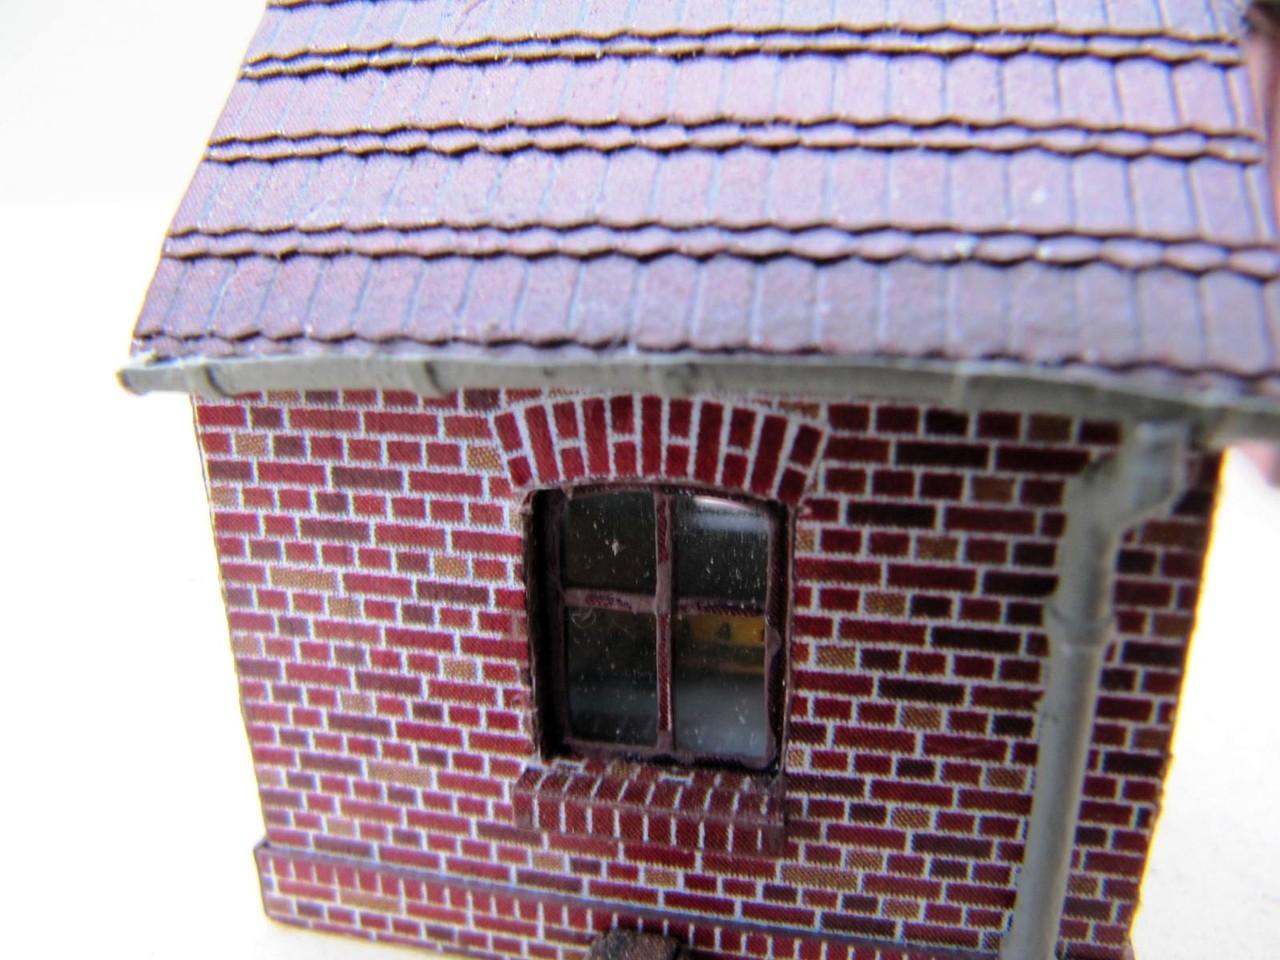 (c) W. Fehse - Fenster und Klinkerfassade 1:87 (H0)